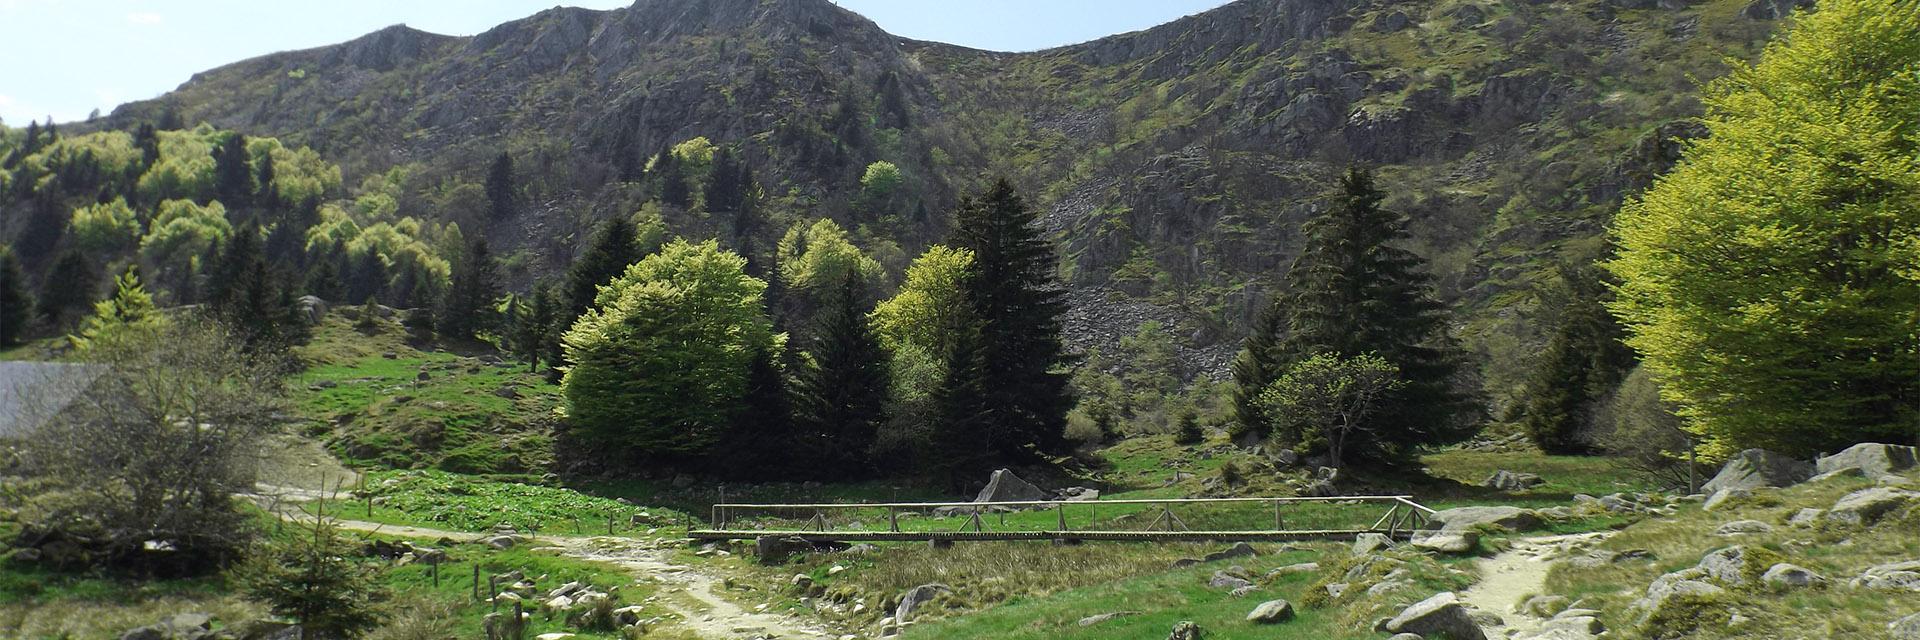 village-club-cap-france-vosqes-alsace-la-bolle-montagne-paysage